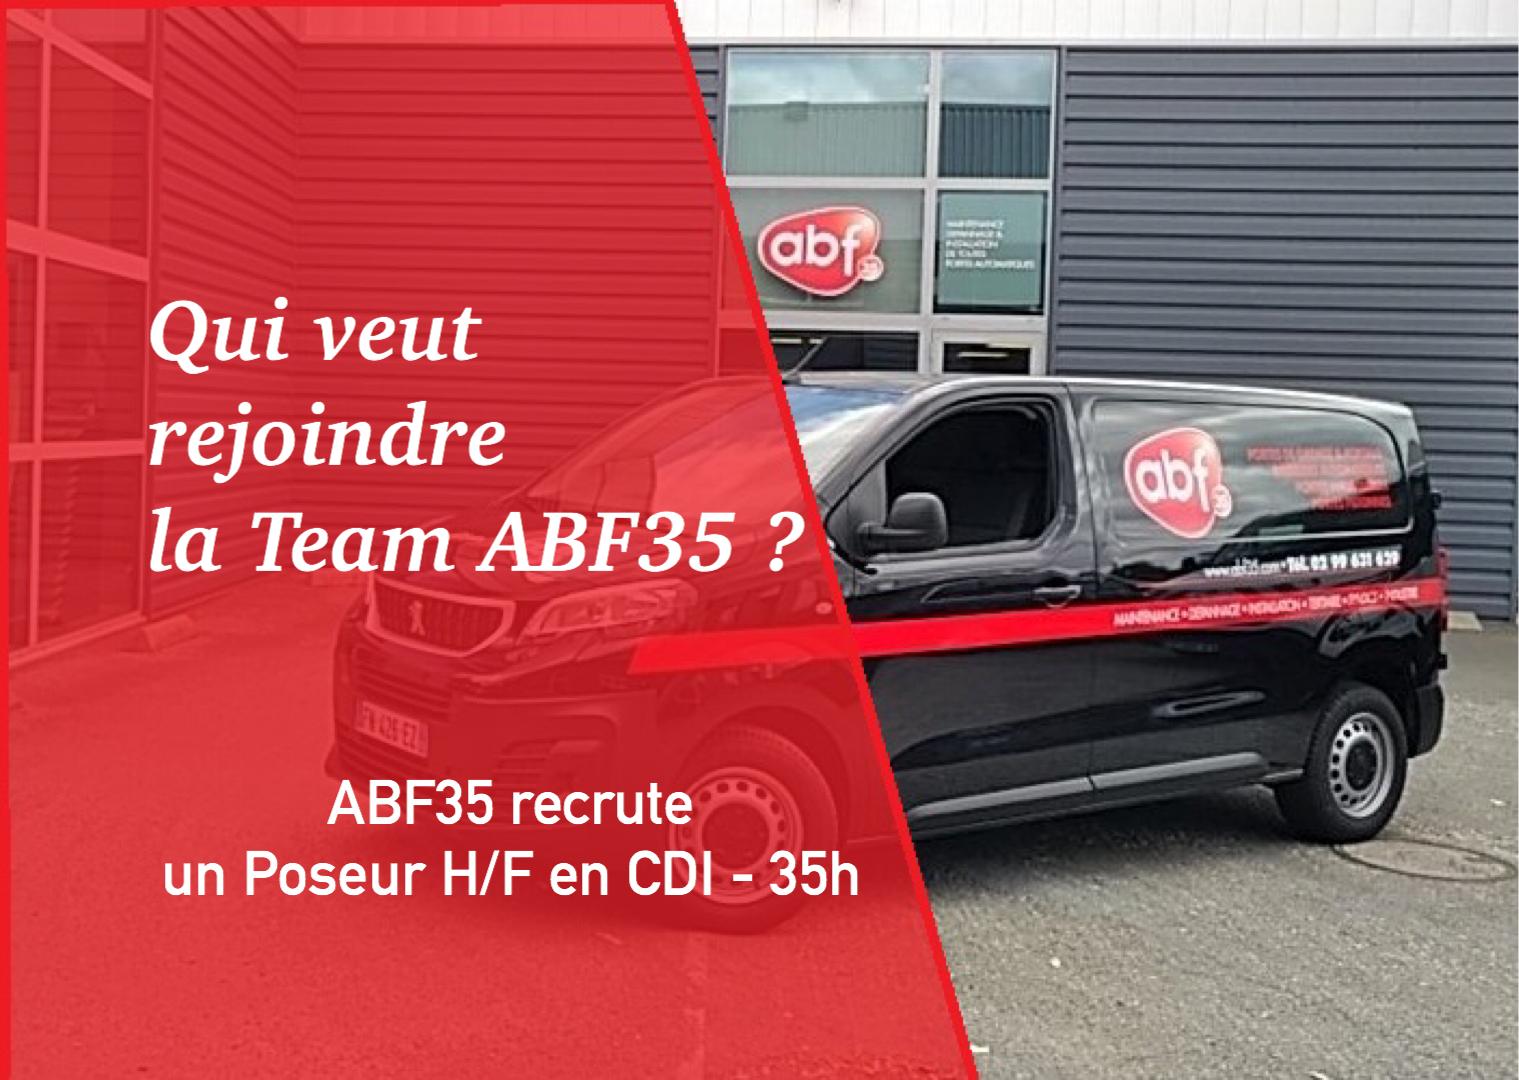 [RECRUTEMENT] ABF35 recrute un poseur H/F